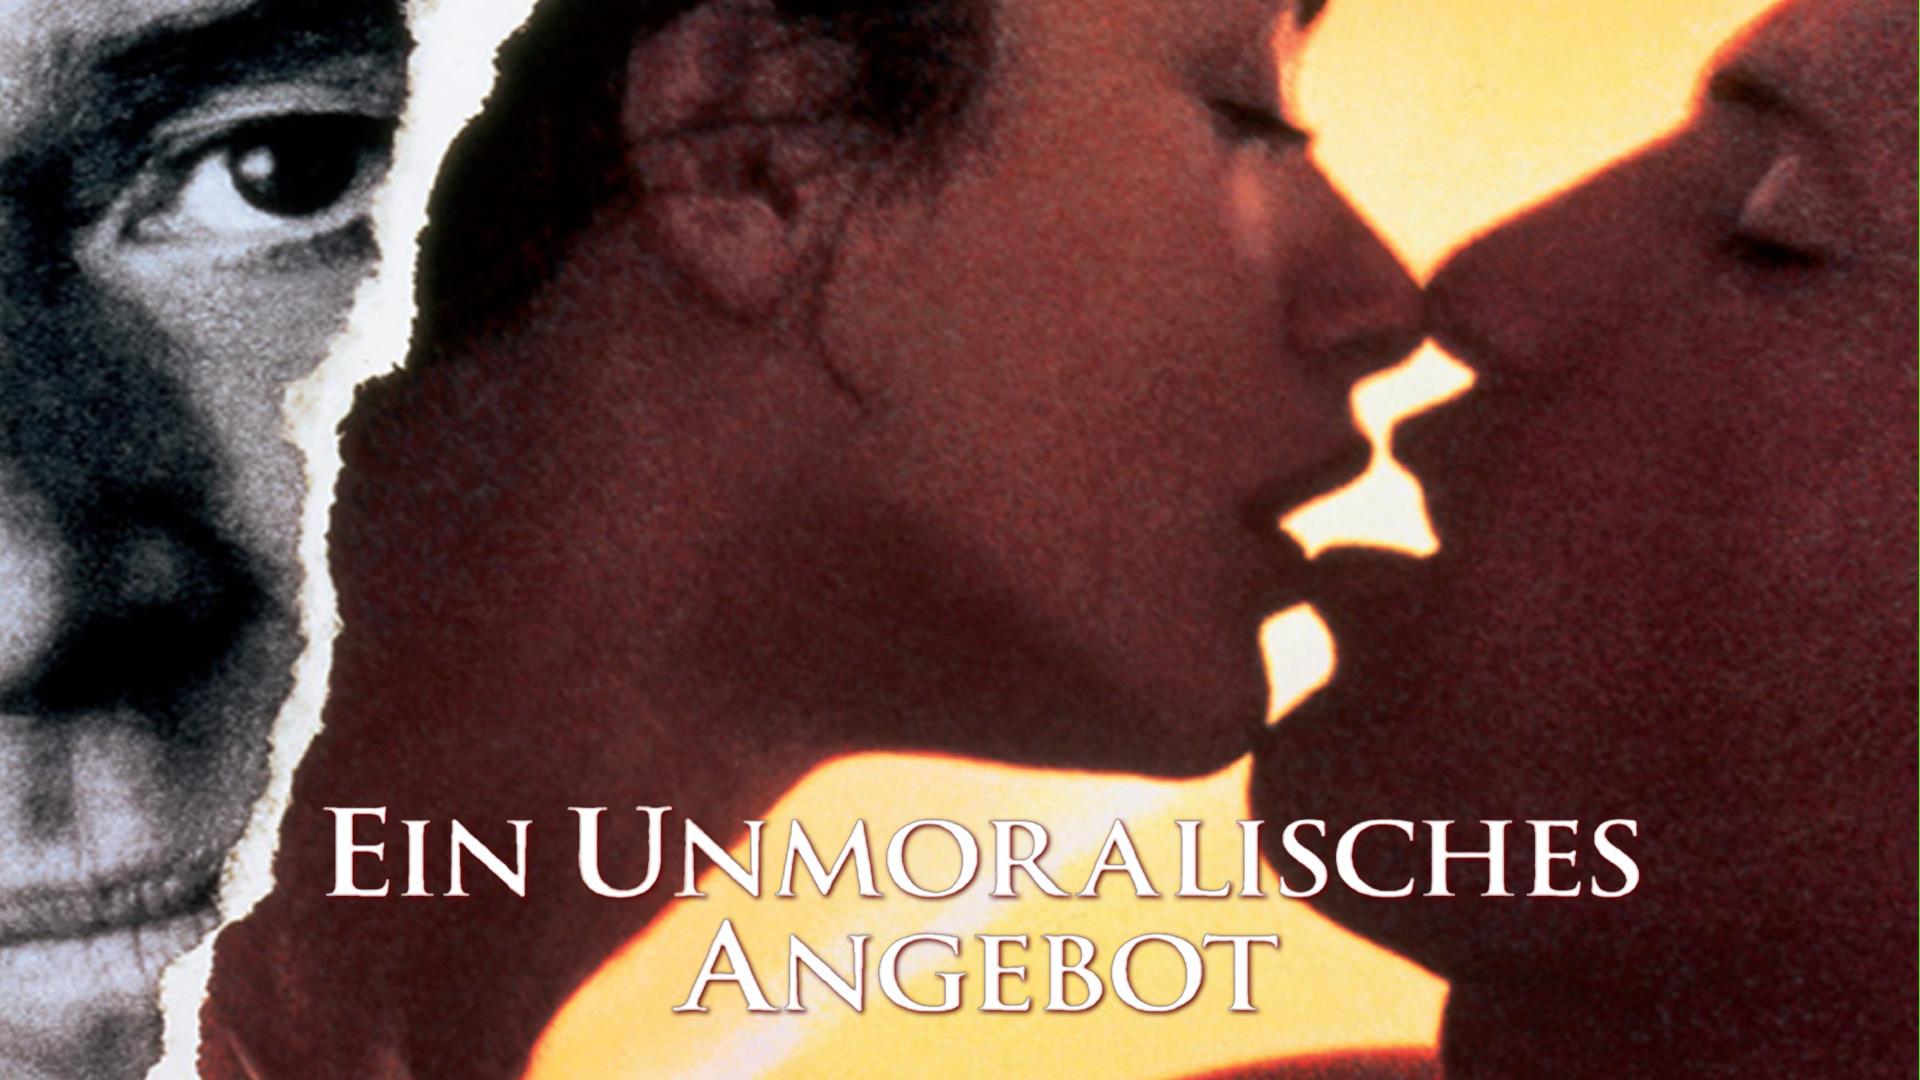 Ein unmoralisches Angebot